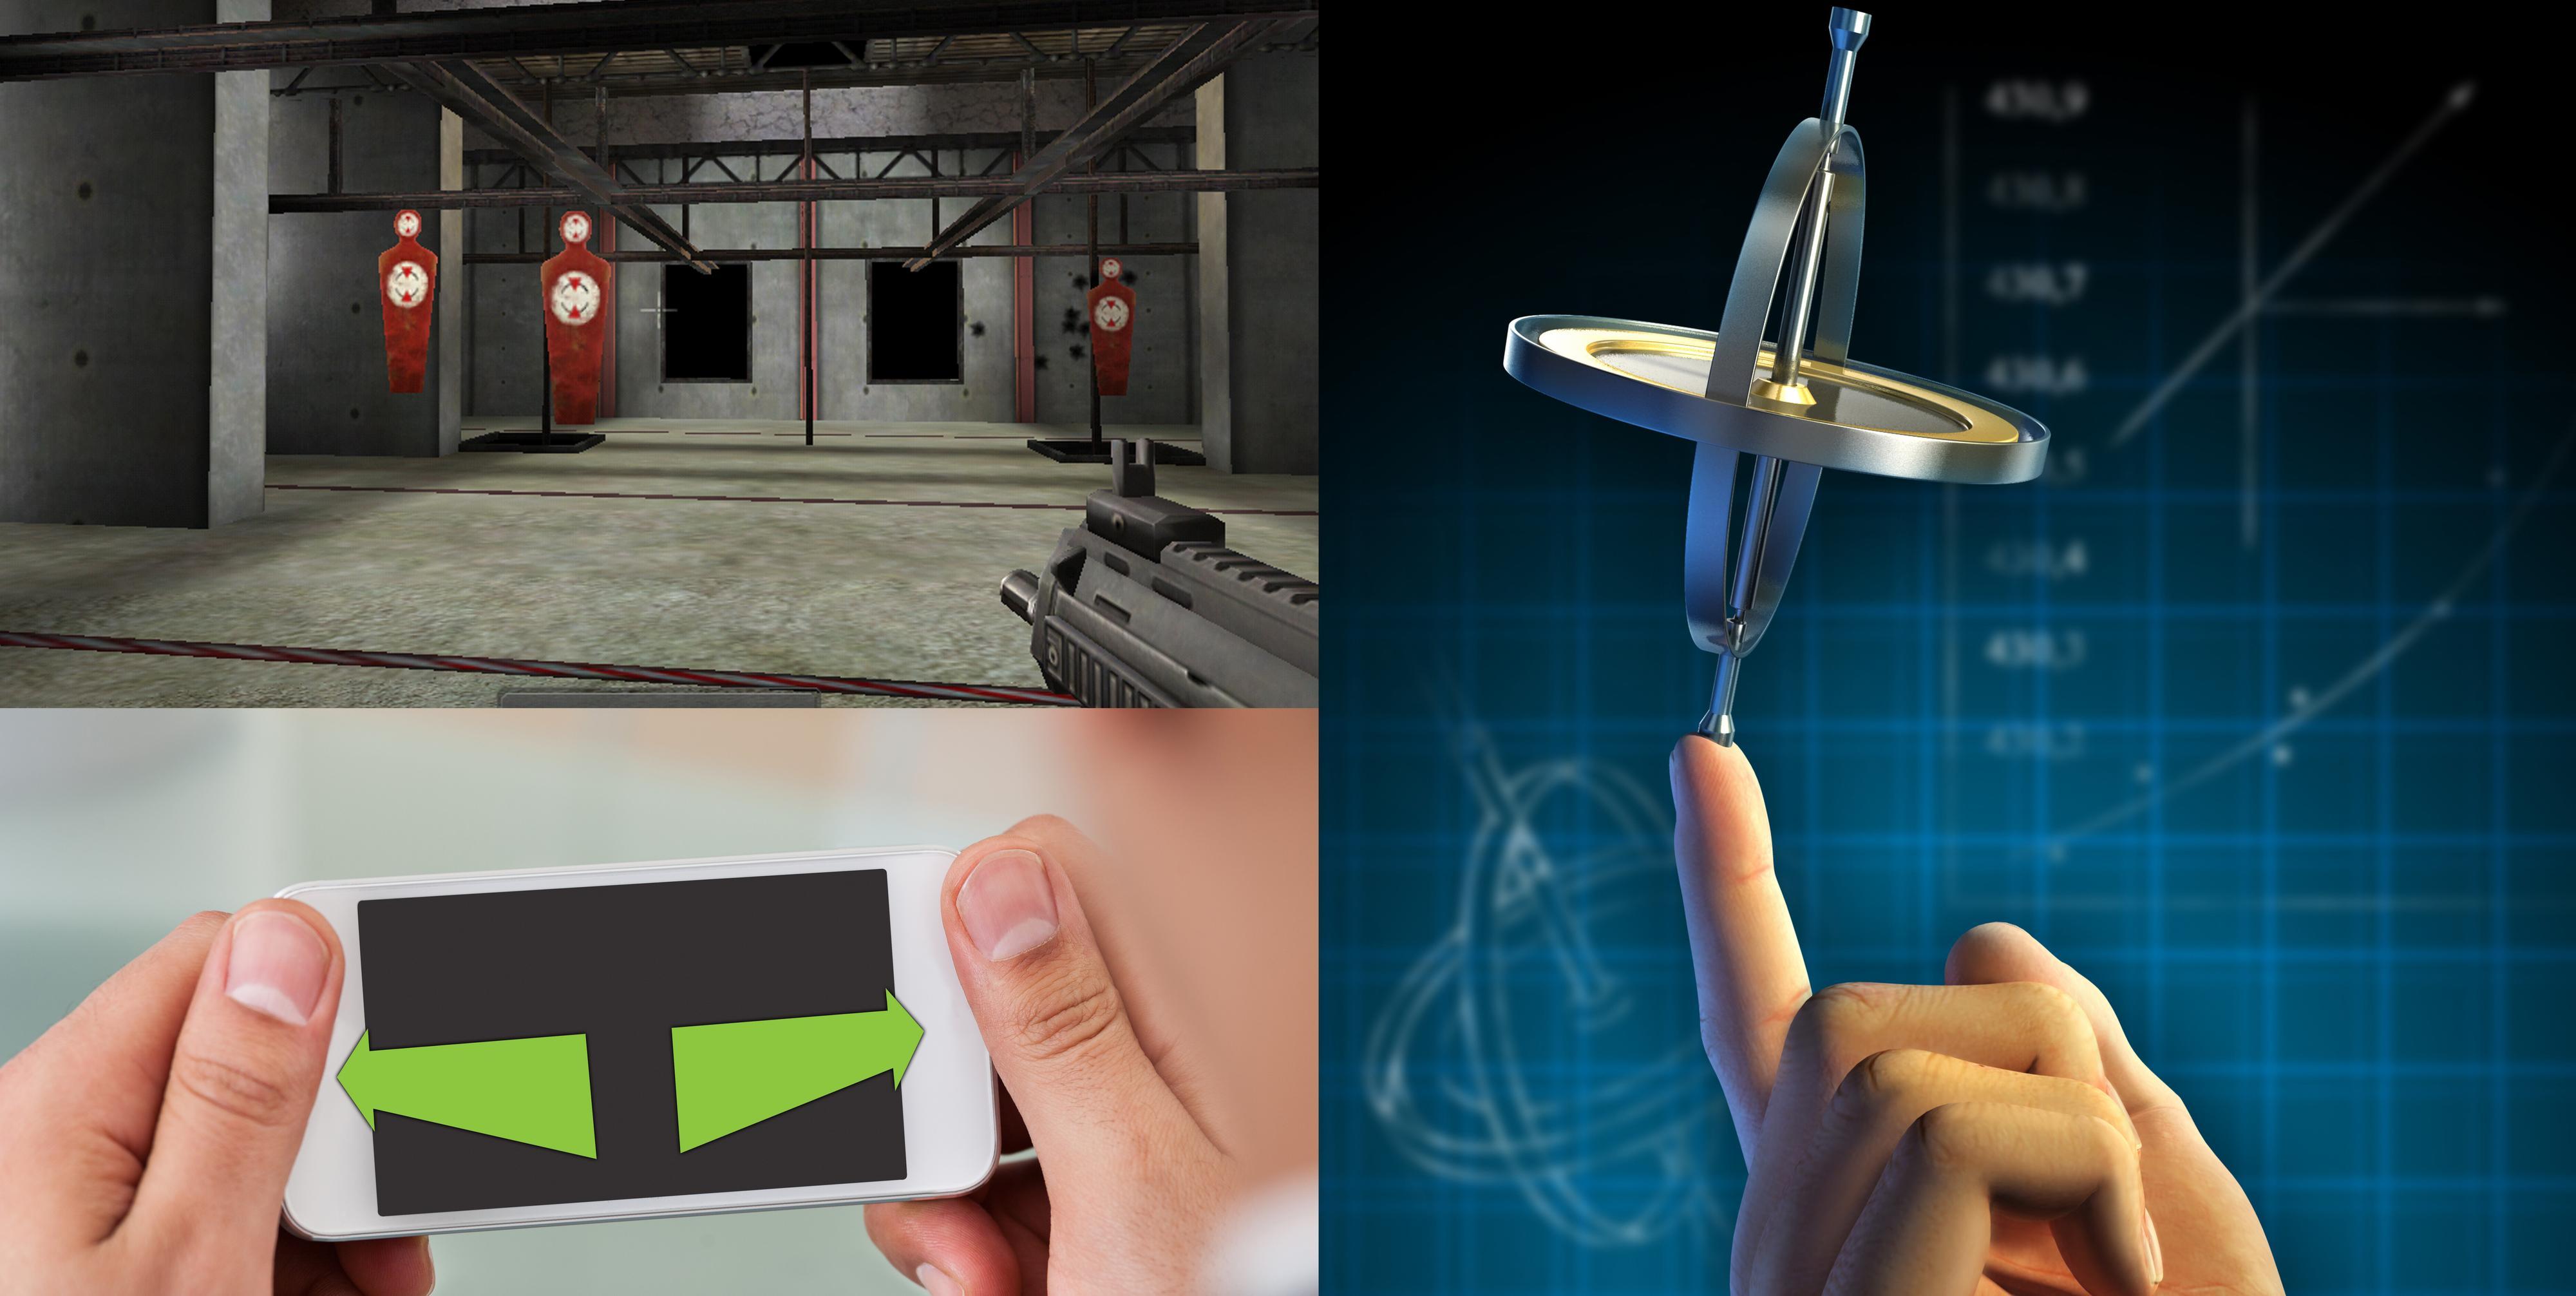 Skytespillet øverst til venstre var ett av de første spillene som baserte seg på mobile gyroskop. Et gyroskop er langt mer presist enn de eldre akselerometerne. I tillegg kan det måle horisontale vridninger av enheten, slik at du enkelt kan sikte eller se deg omkring i spill som ellers ville krevd styring med knapper.Foto: Montasje/Shutterstock